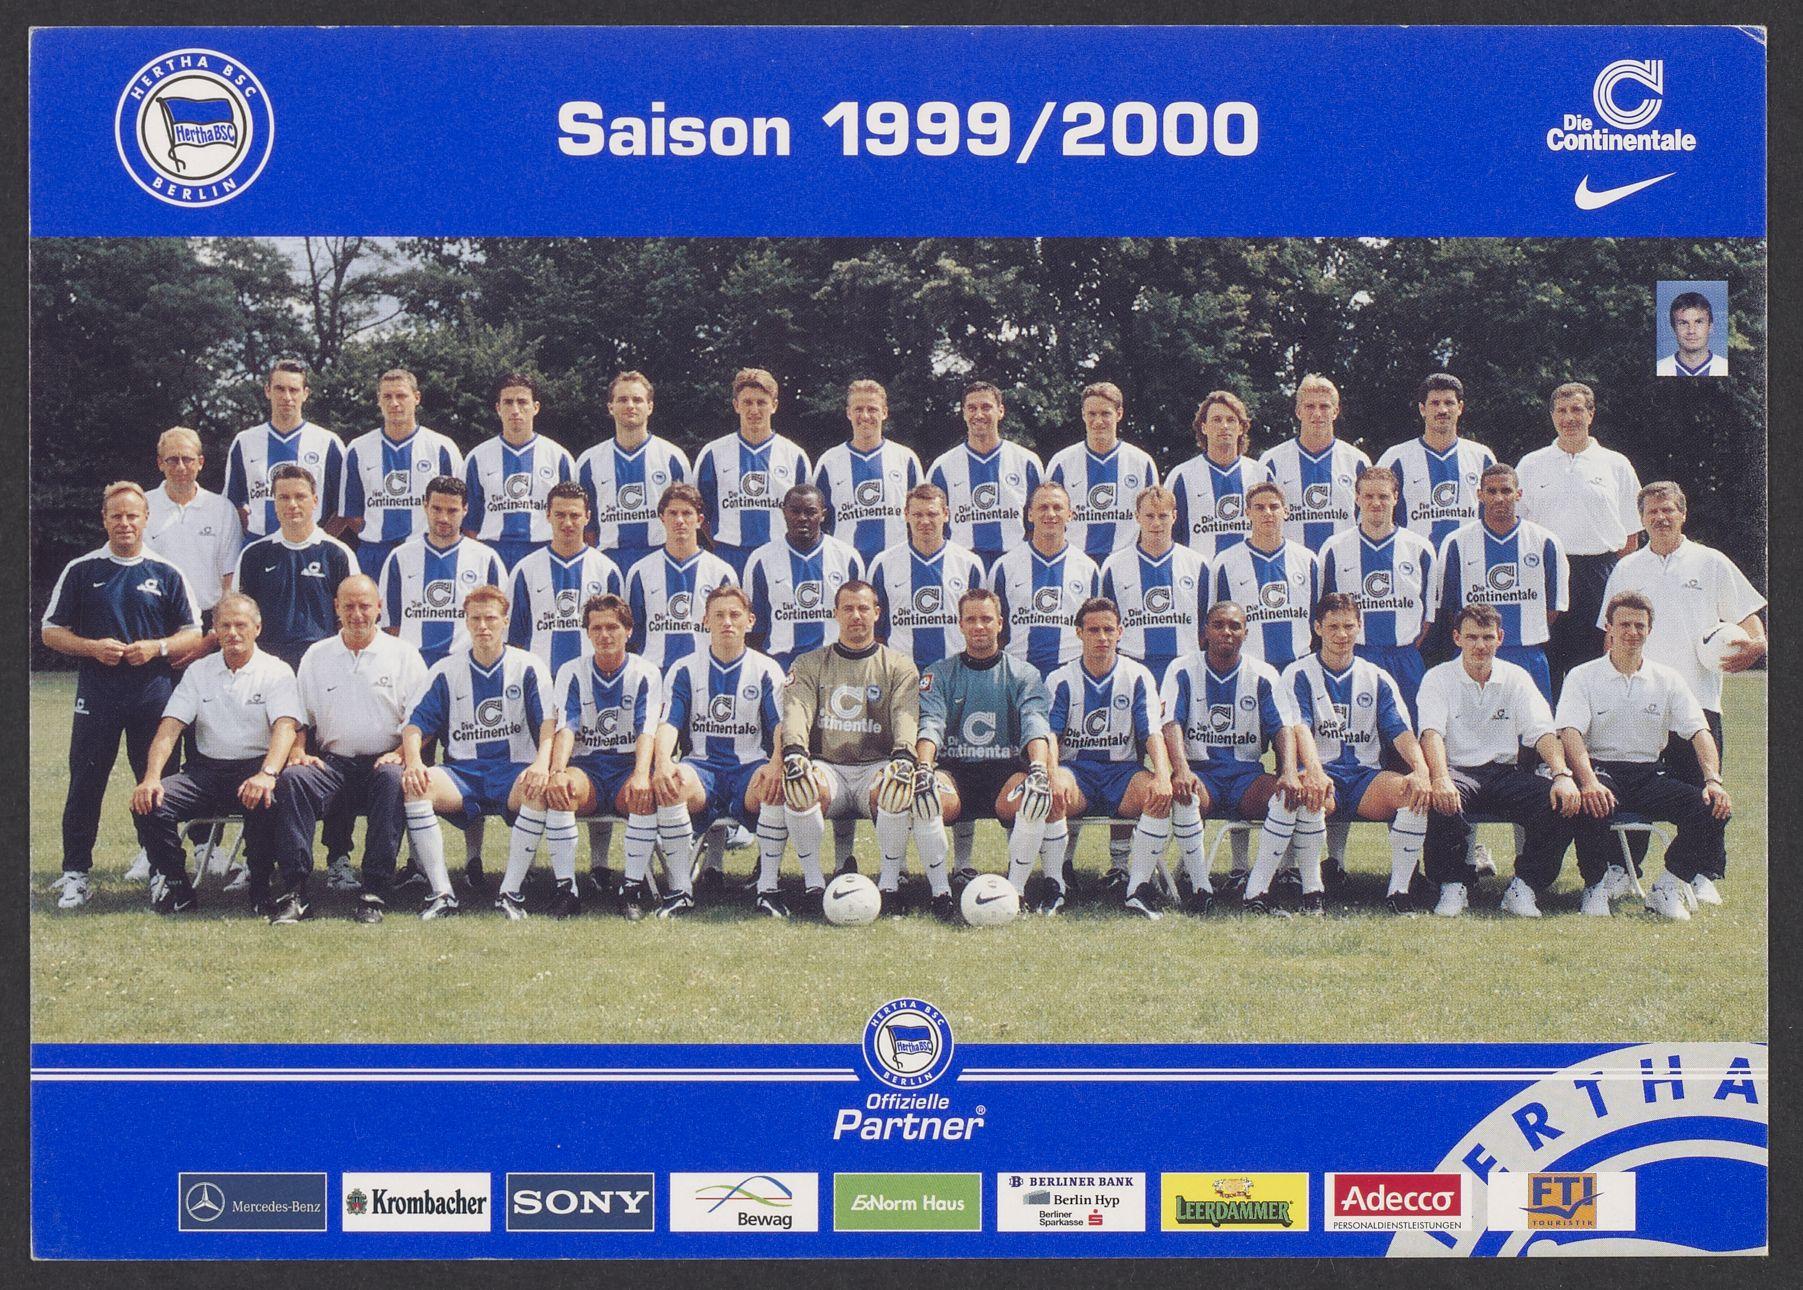 Mannschaftsfoto in der Saison 1999/2000.